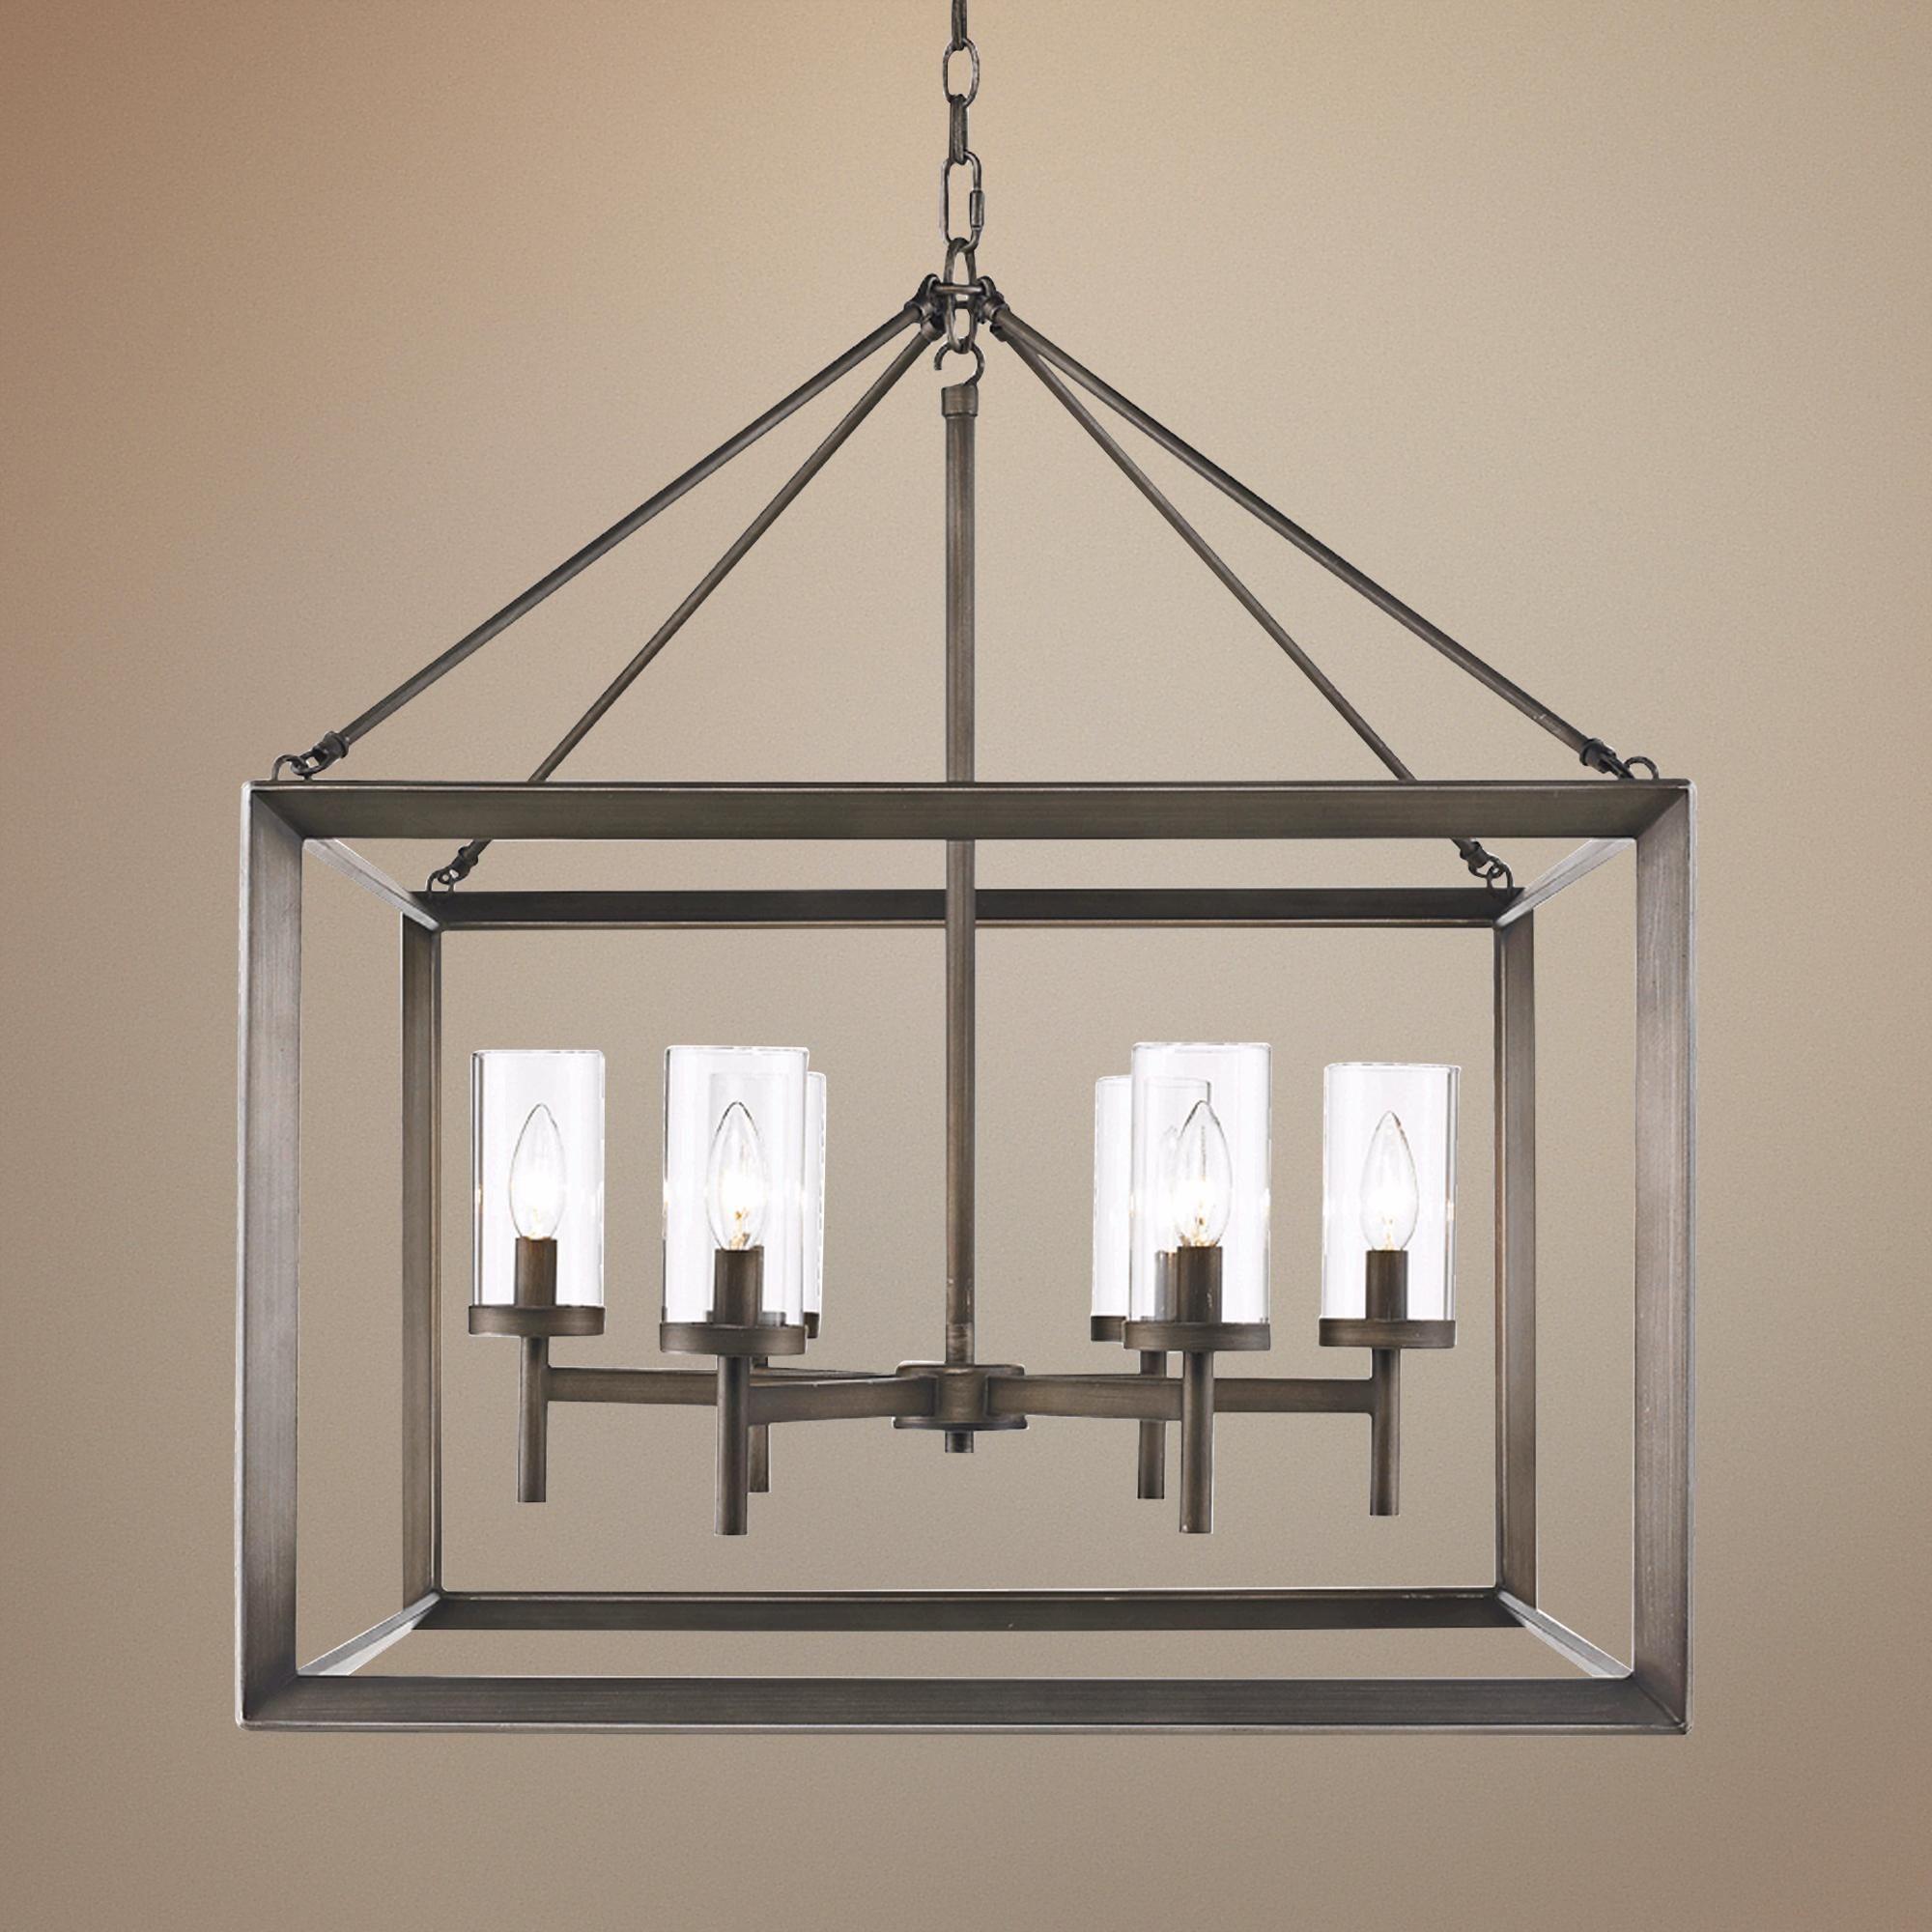 Smyth 26 34 wide gunmetal bronze cage chandelier chandeliers smyth 26 34 wide gunmetal bronze cage chandelier aloadofball Images